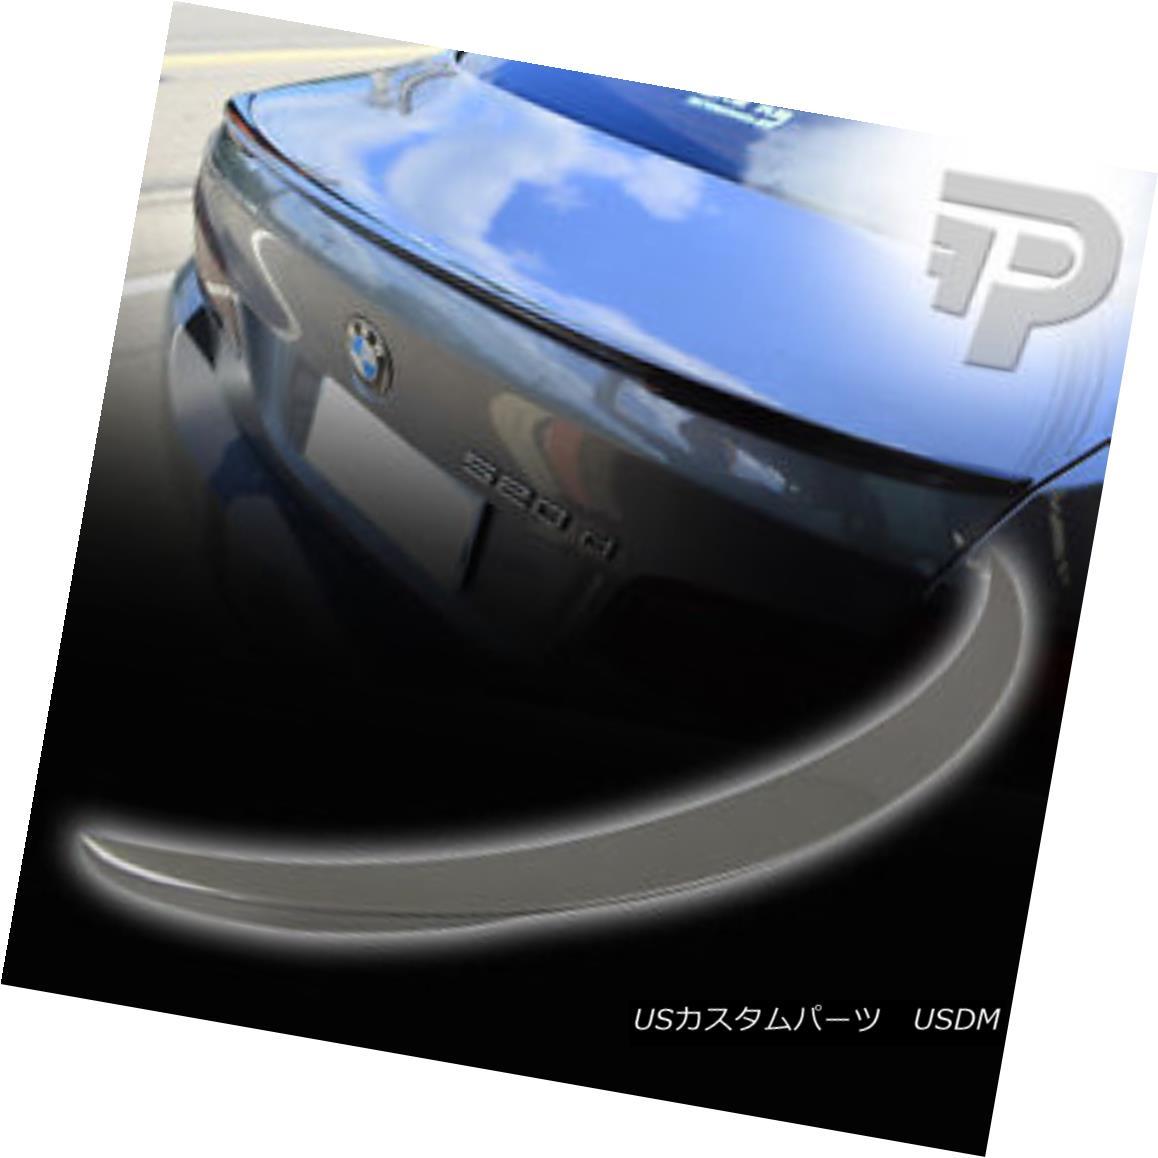 エアロパーツ 550i M5 PAINTED BMW 5-SERIES P PERFORMANCE TYPE F10 REAR TRUNK SPOILER A52 ▼ 550i M5塗装BMW 5シリーズPパフォーマンスタイプF10リアトランクスポイラーA52?